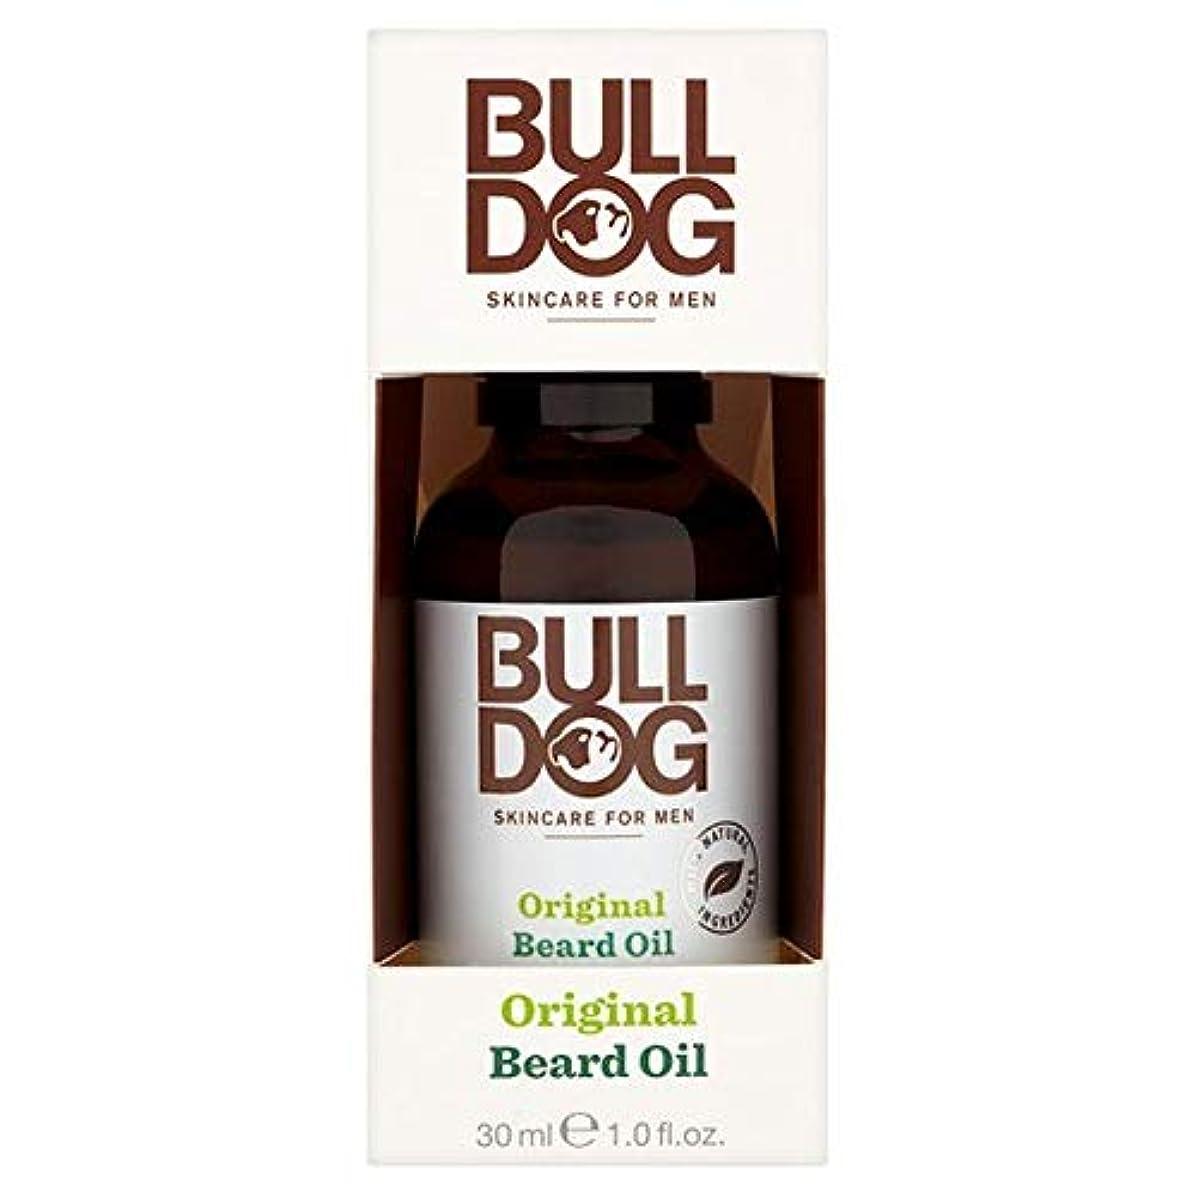 オーナー受け入れアッティカス[Bulldog] ブルドッグ元ひげオイル30ミリリットル - Bulldog Original Beard Oil 30Ml [並行輸入品]